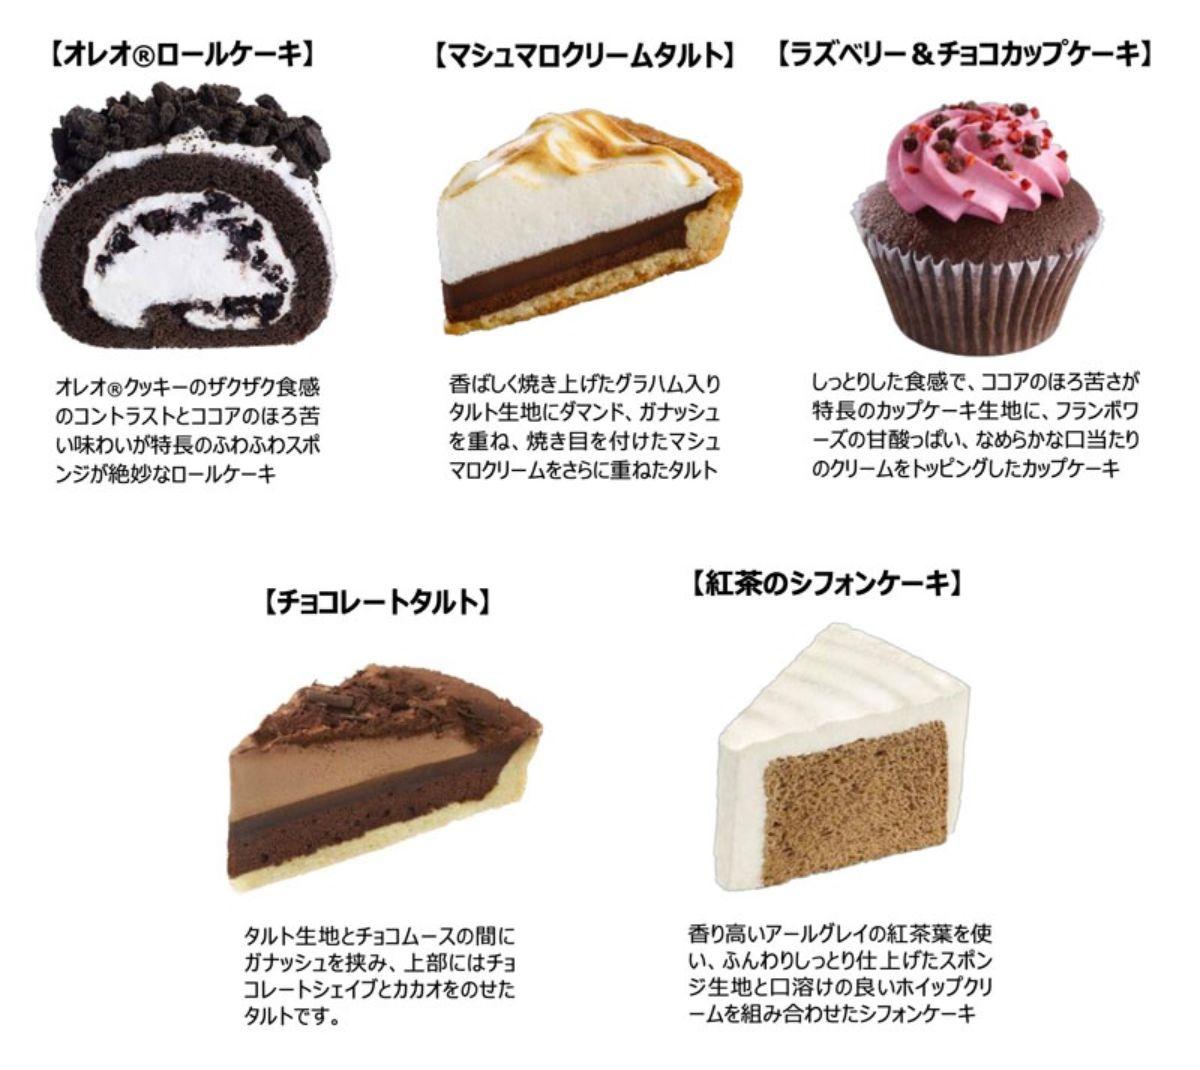 マックカフェのケーキ 各種ラインアップ